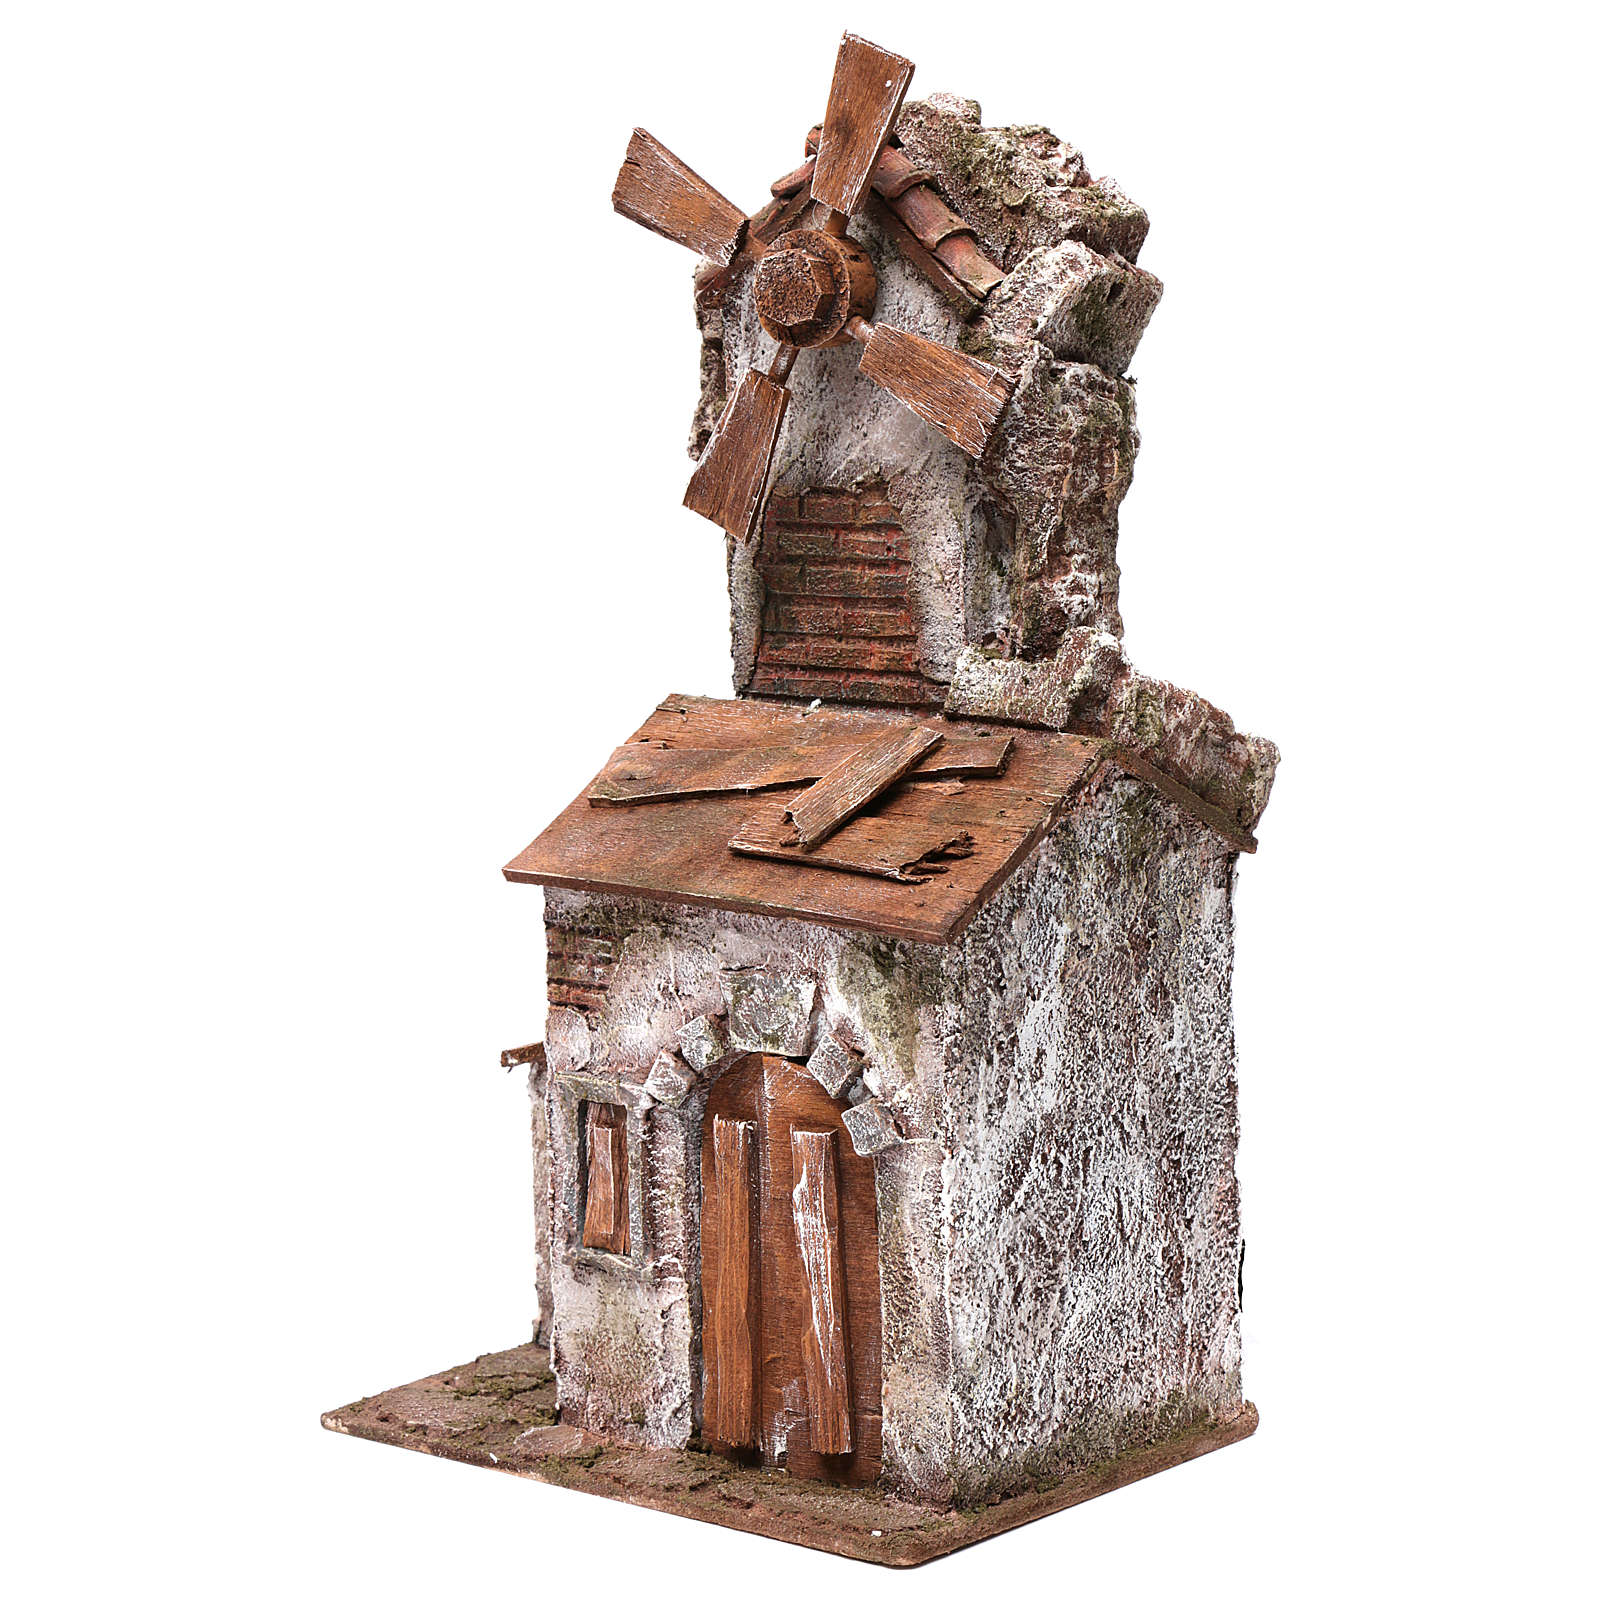 Moulin pour crèche 4 pales avec maisonnette avec porte double 35x15x20 cm 4